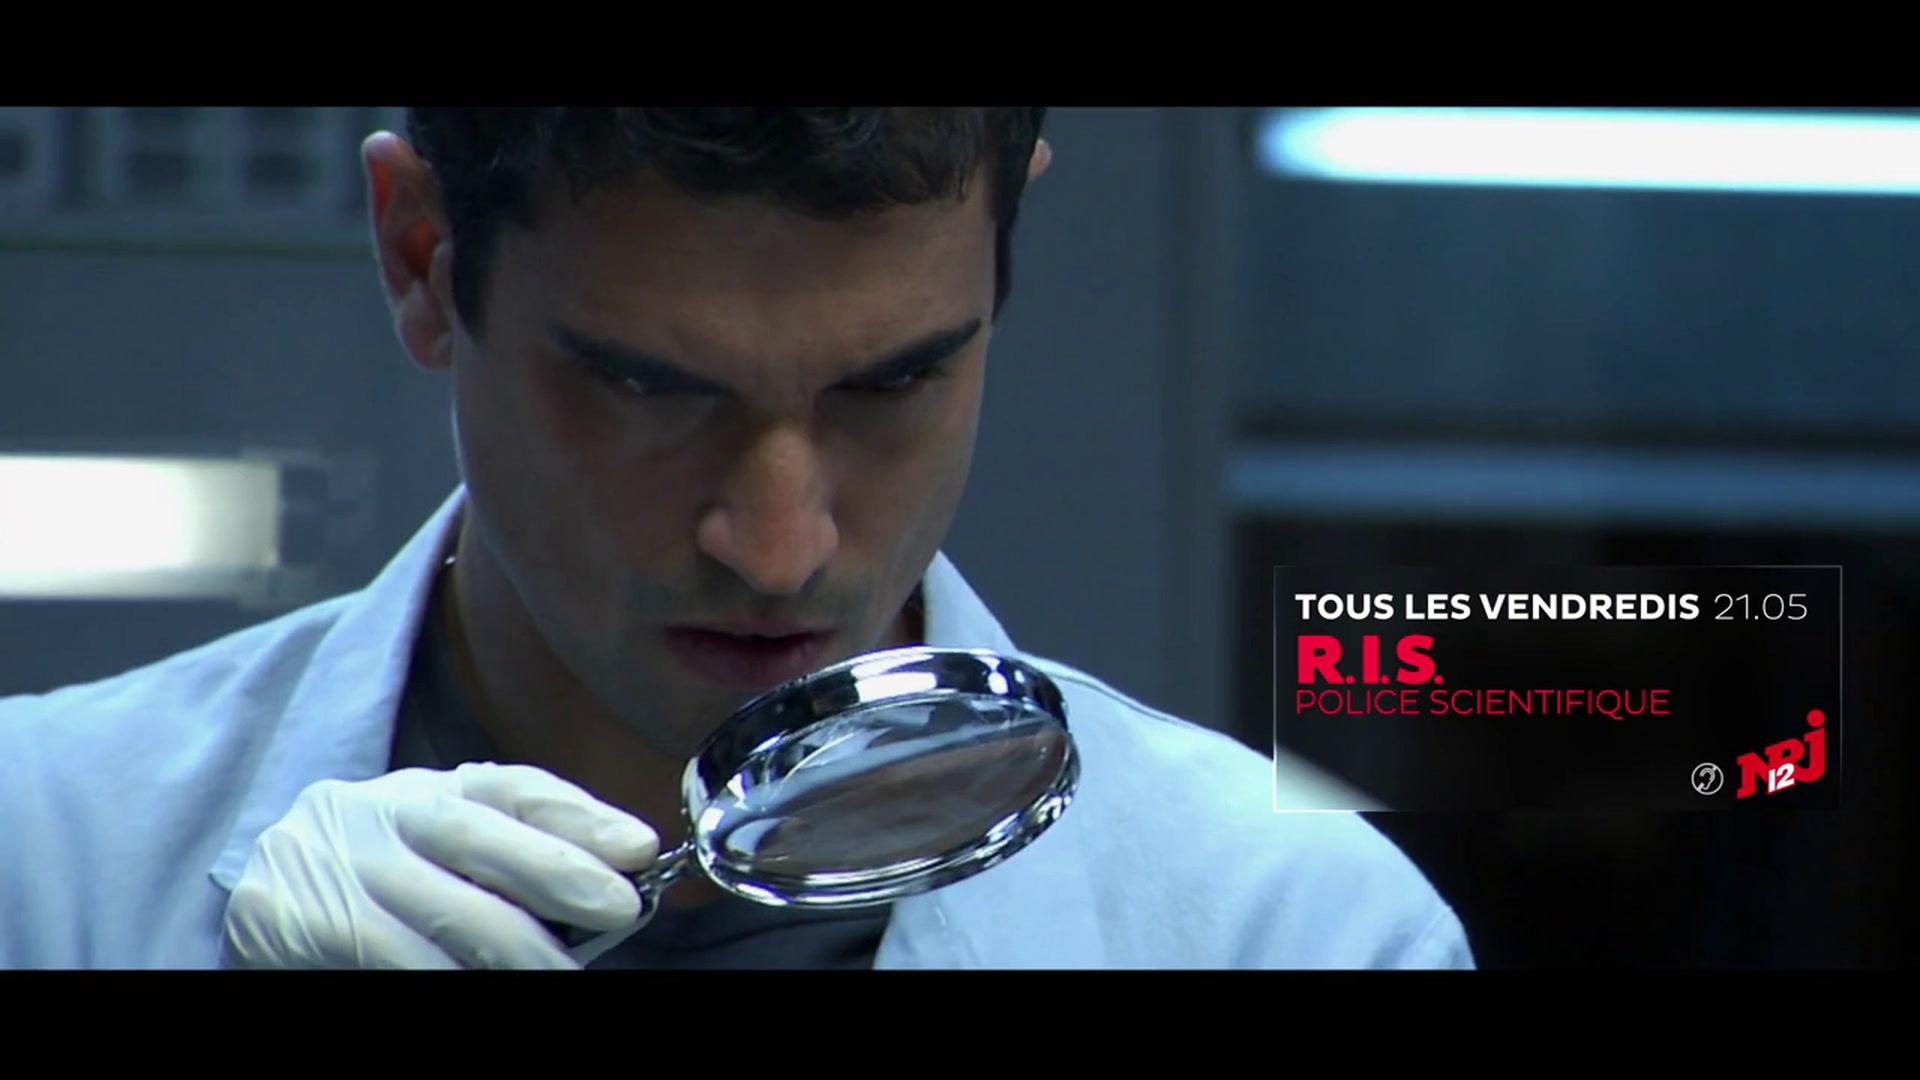 R.I.S. Police scientifique : Chasse à l'homme